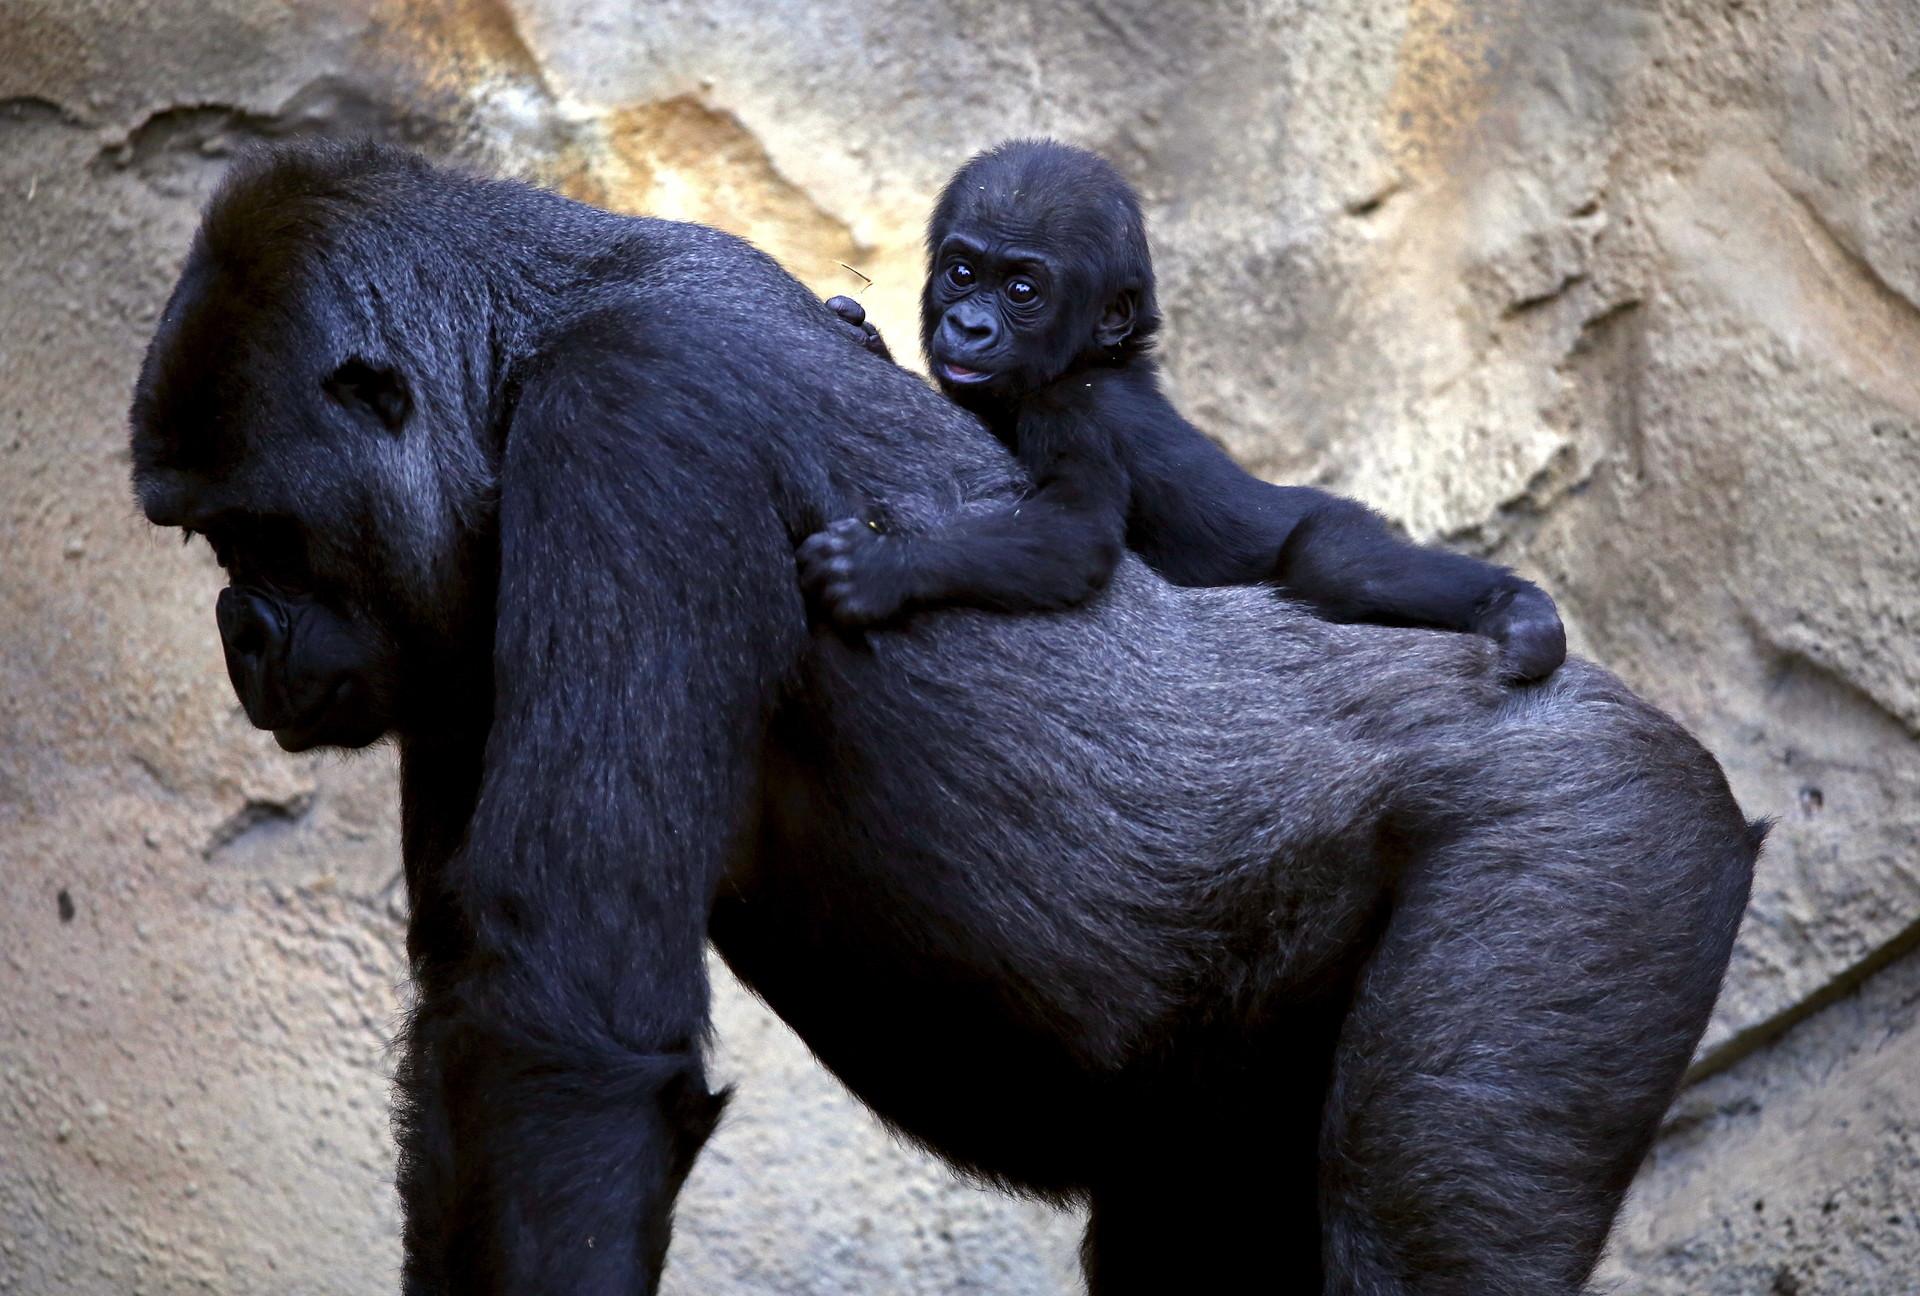 Gorila occidental de las tierras bajas